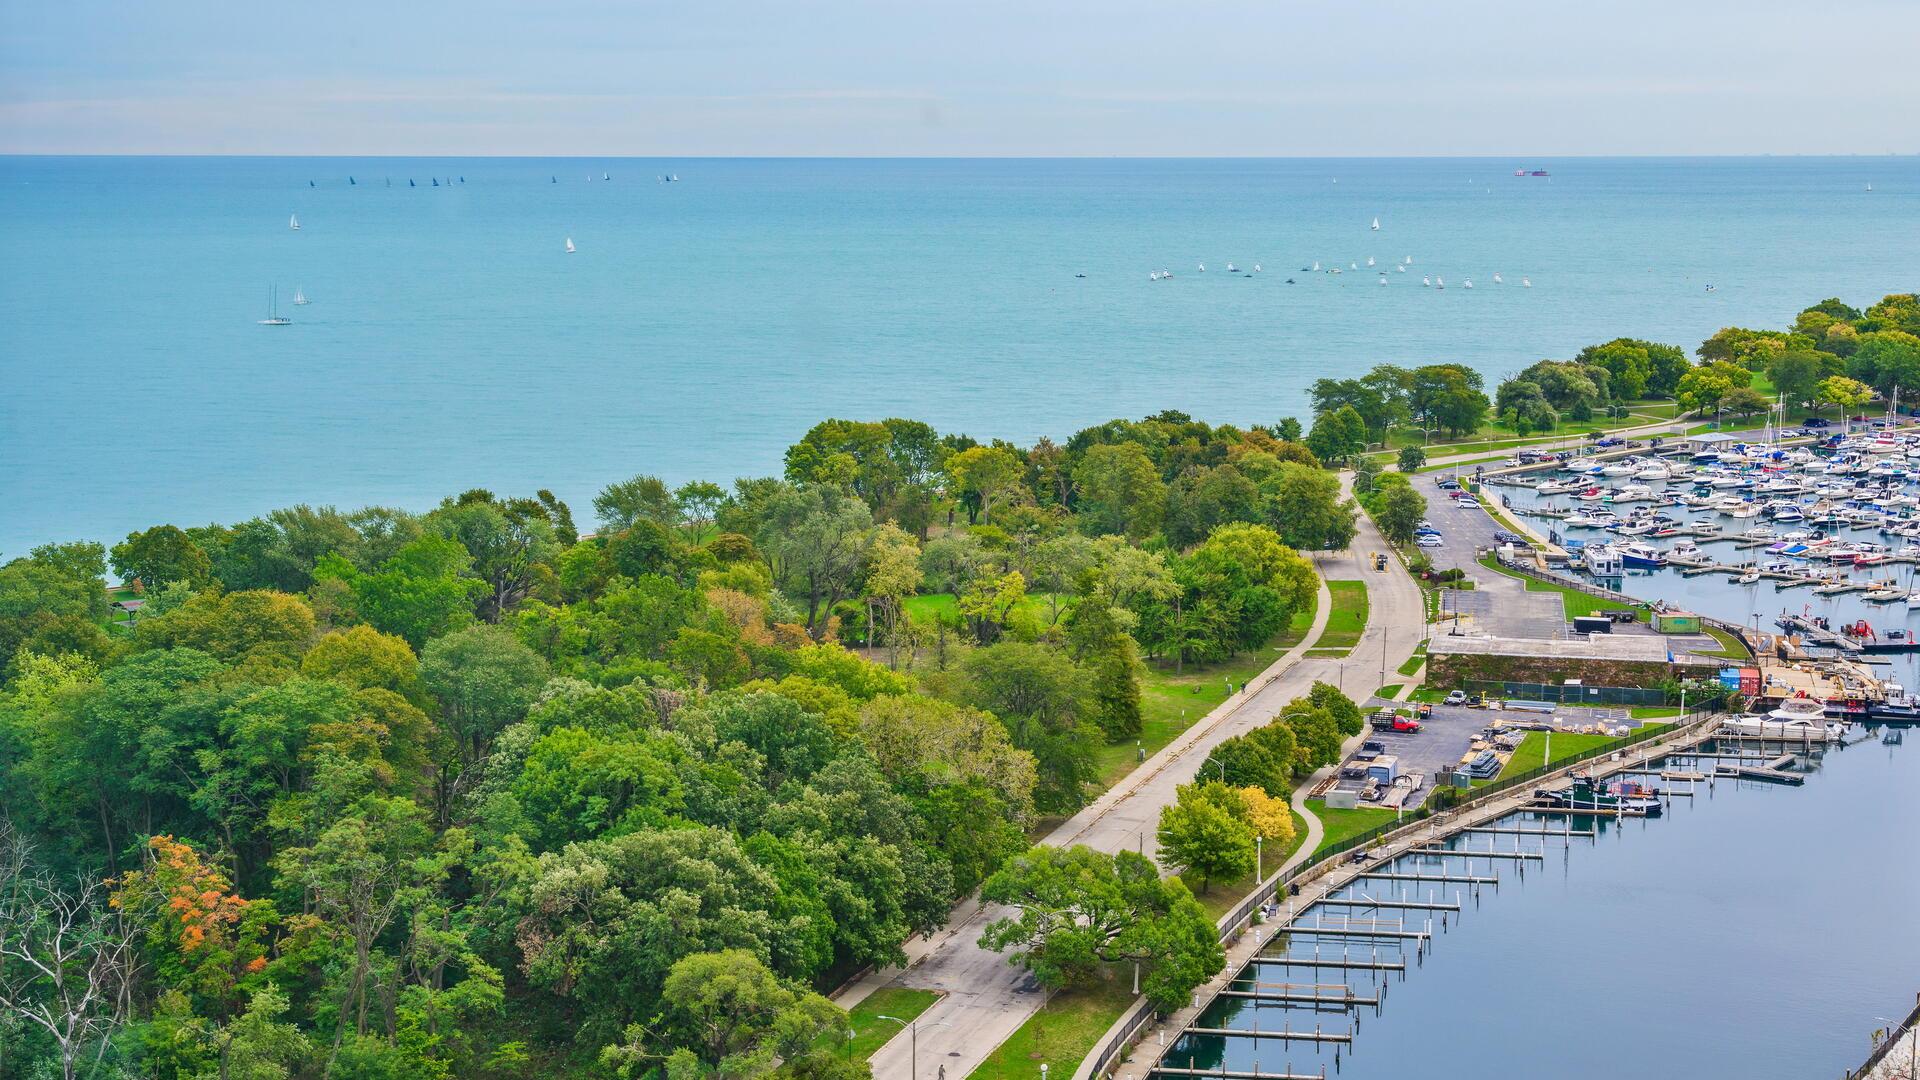 3600 Lake Shore Unit Unit 2605 ,Chicago, Illinois 60613